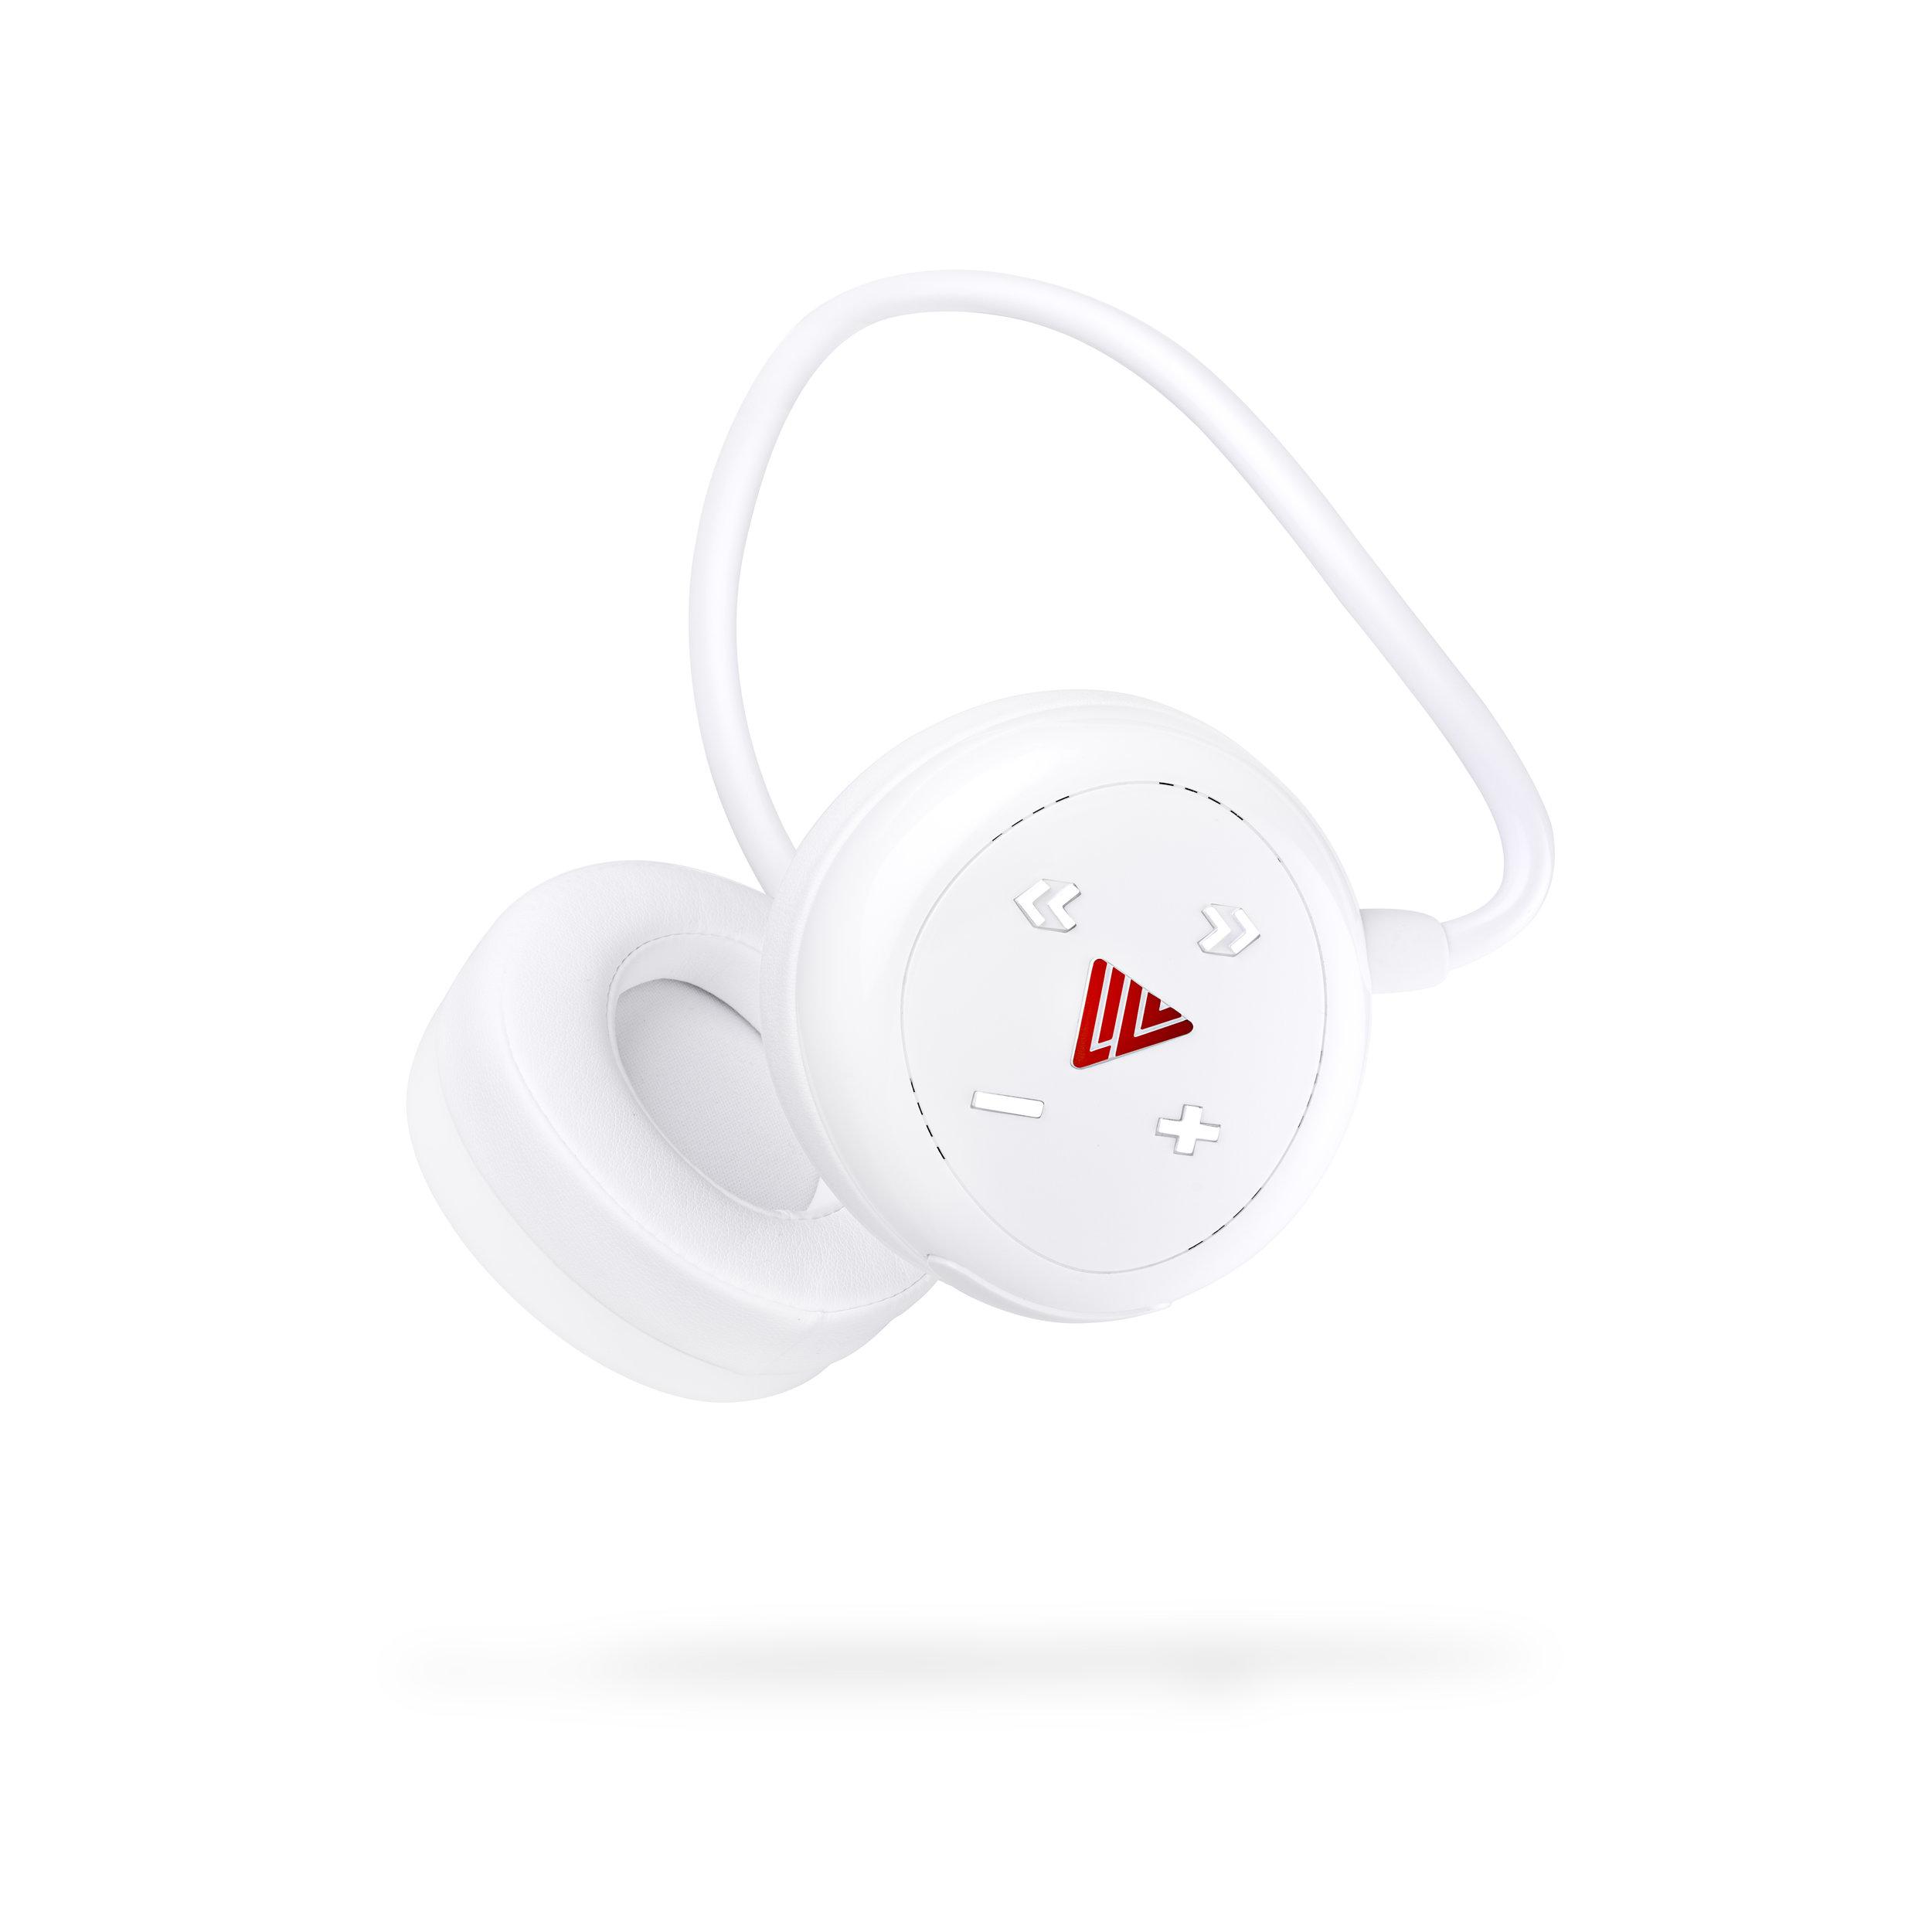 Livv-Headset-White.jpg